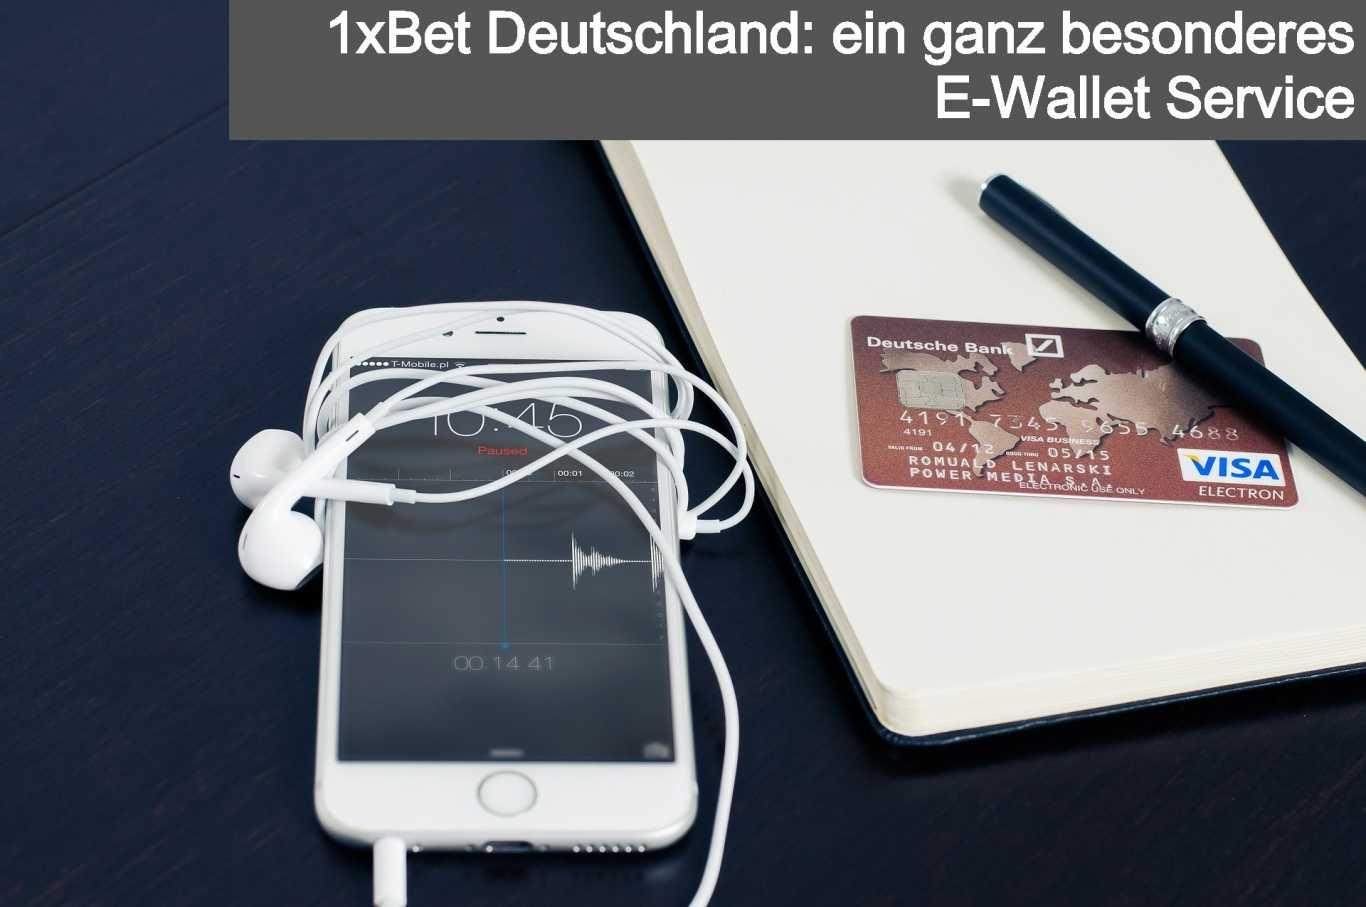 1xBet Deutschland: ein ganz besonderes E-Wallet Service